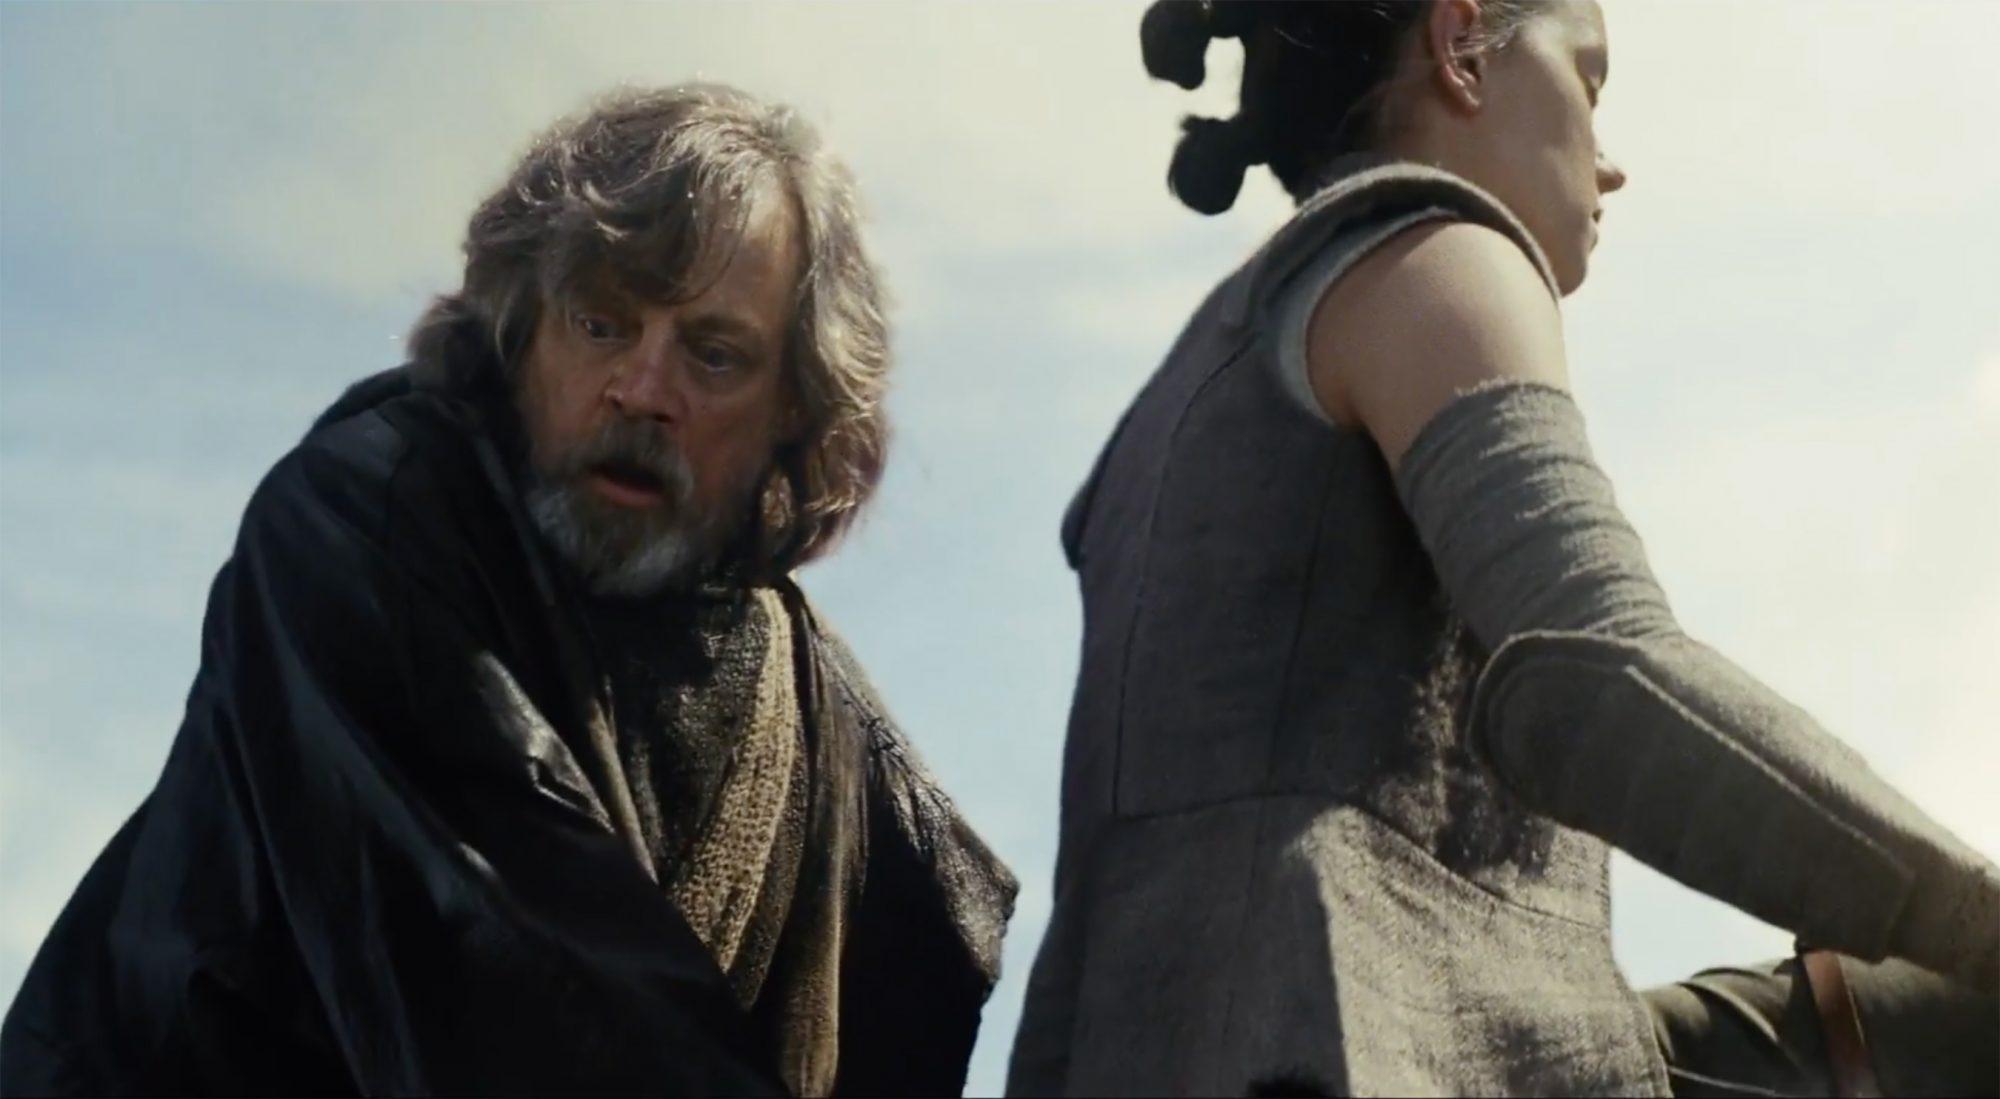 A Wary Luke